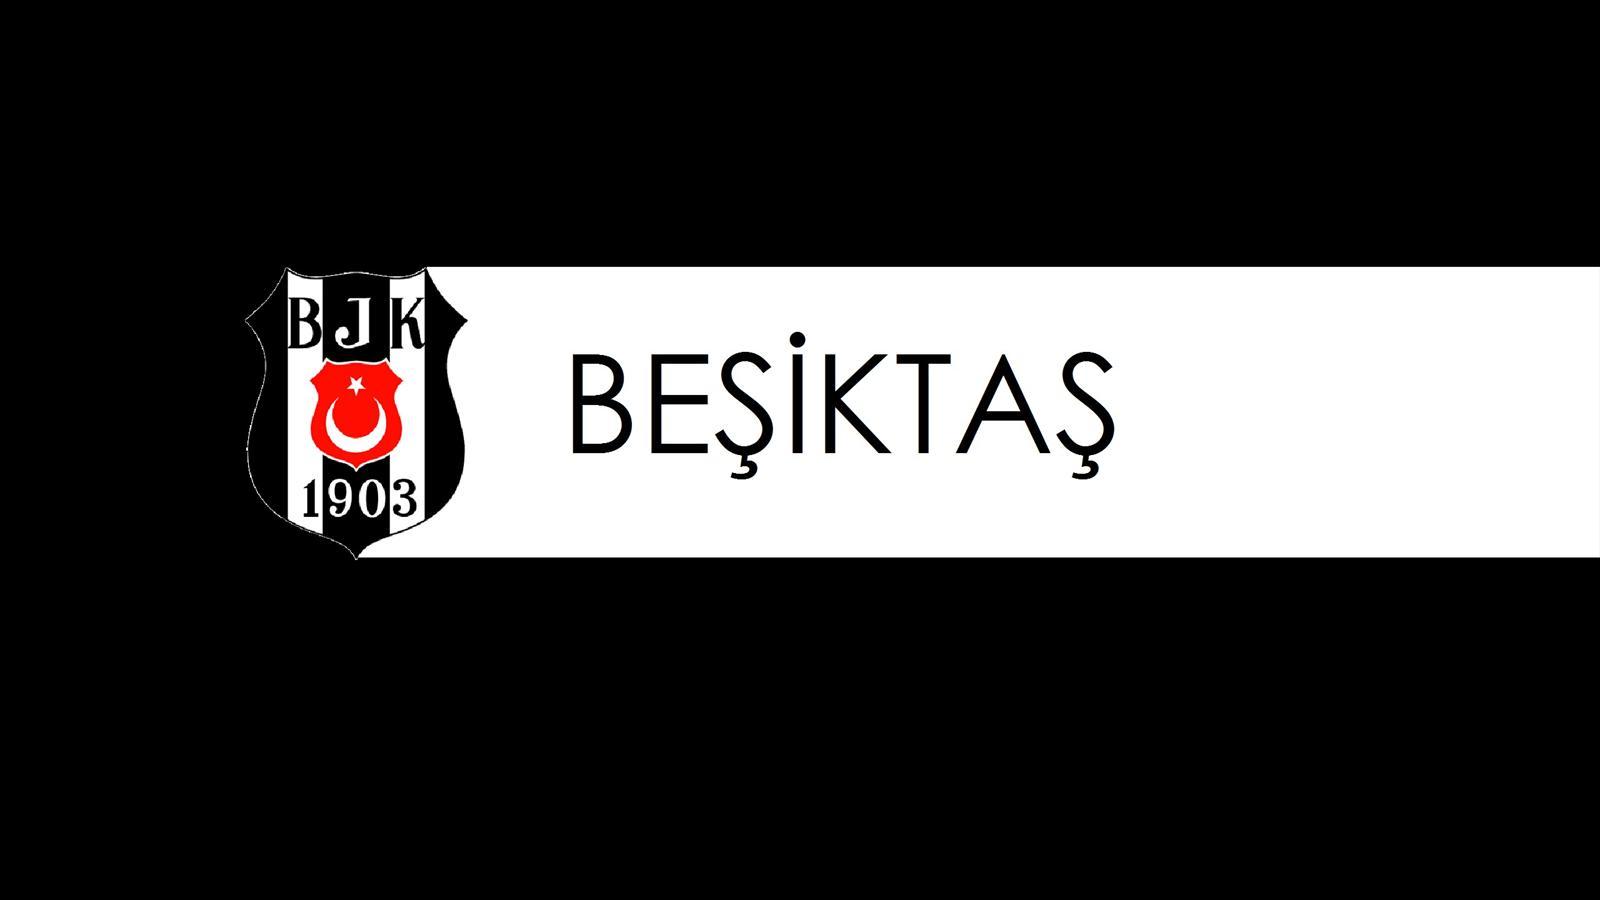 besiktas-logo